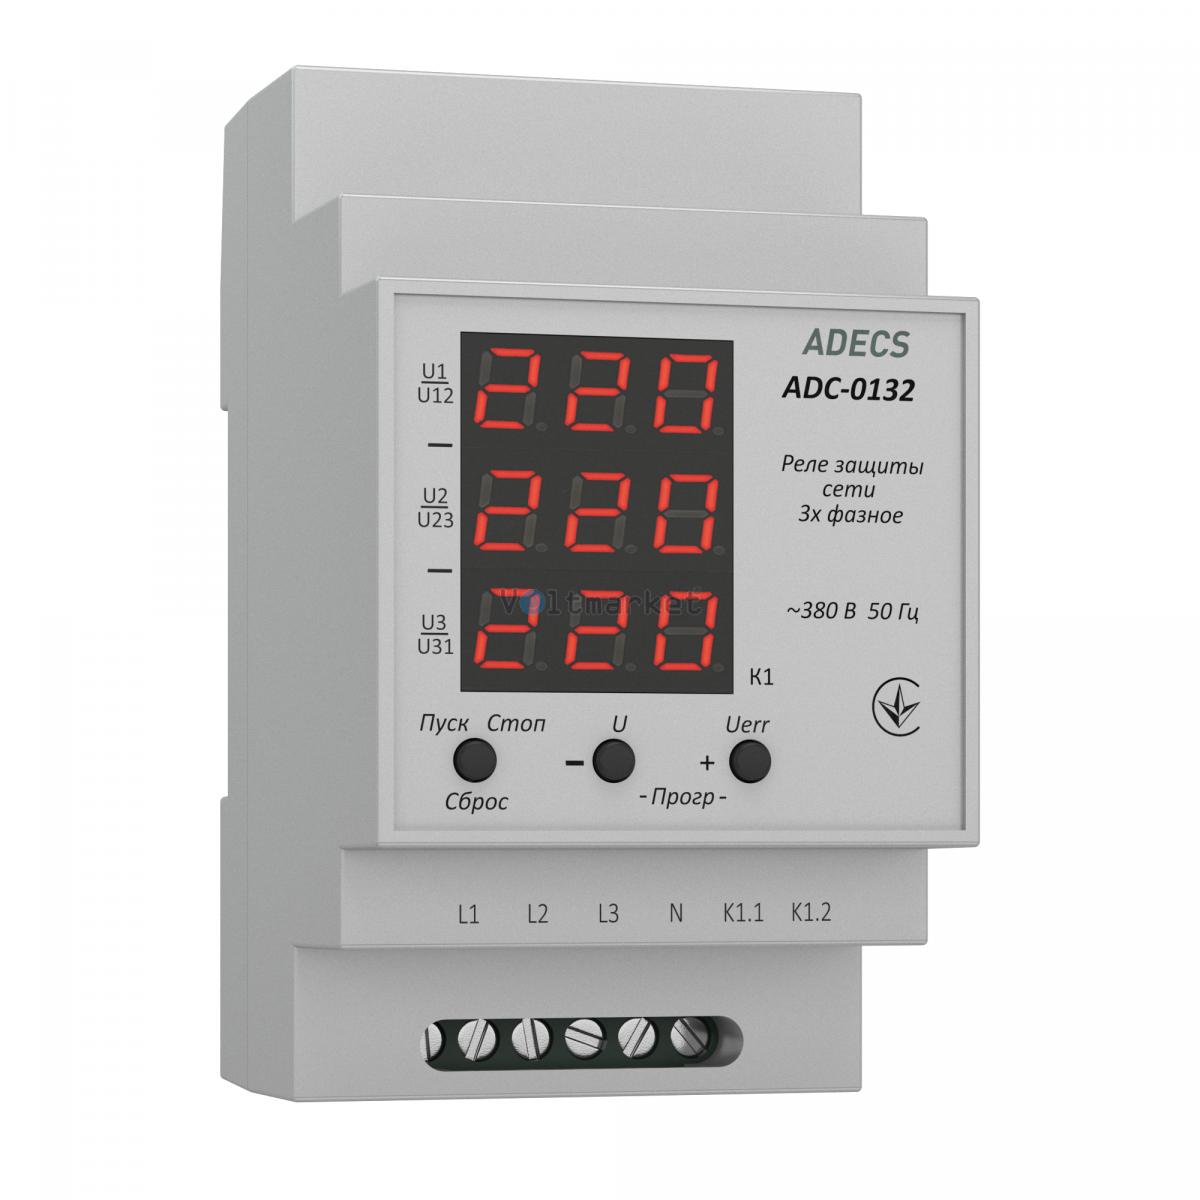 Устройство защиты сети трёхфазное ADECS ADC-0132